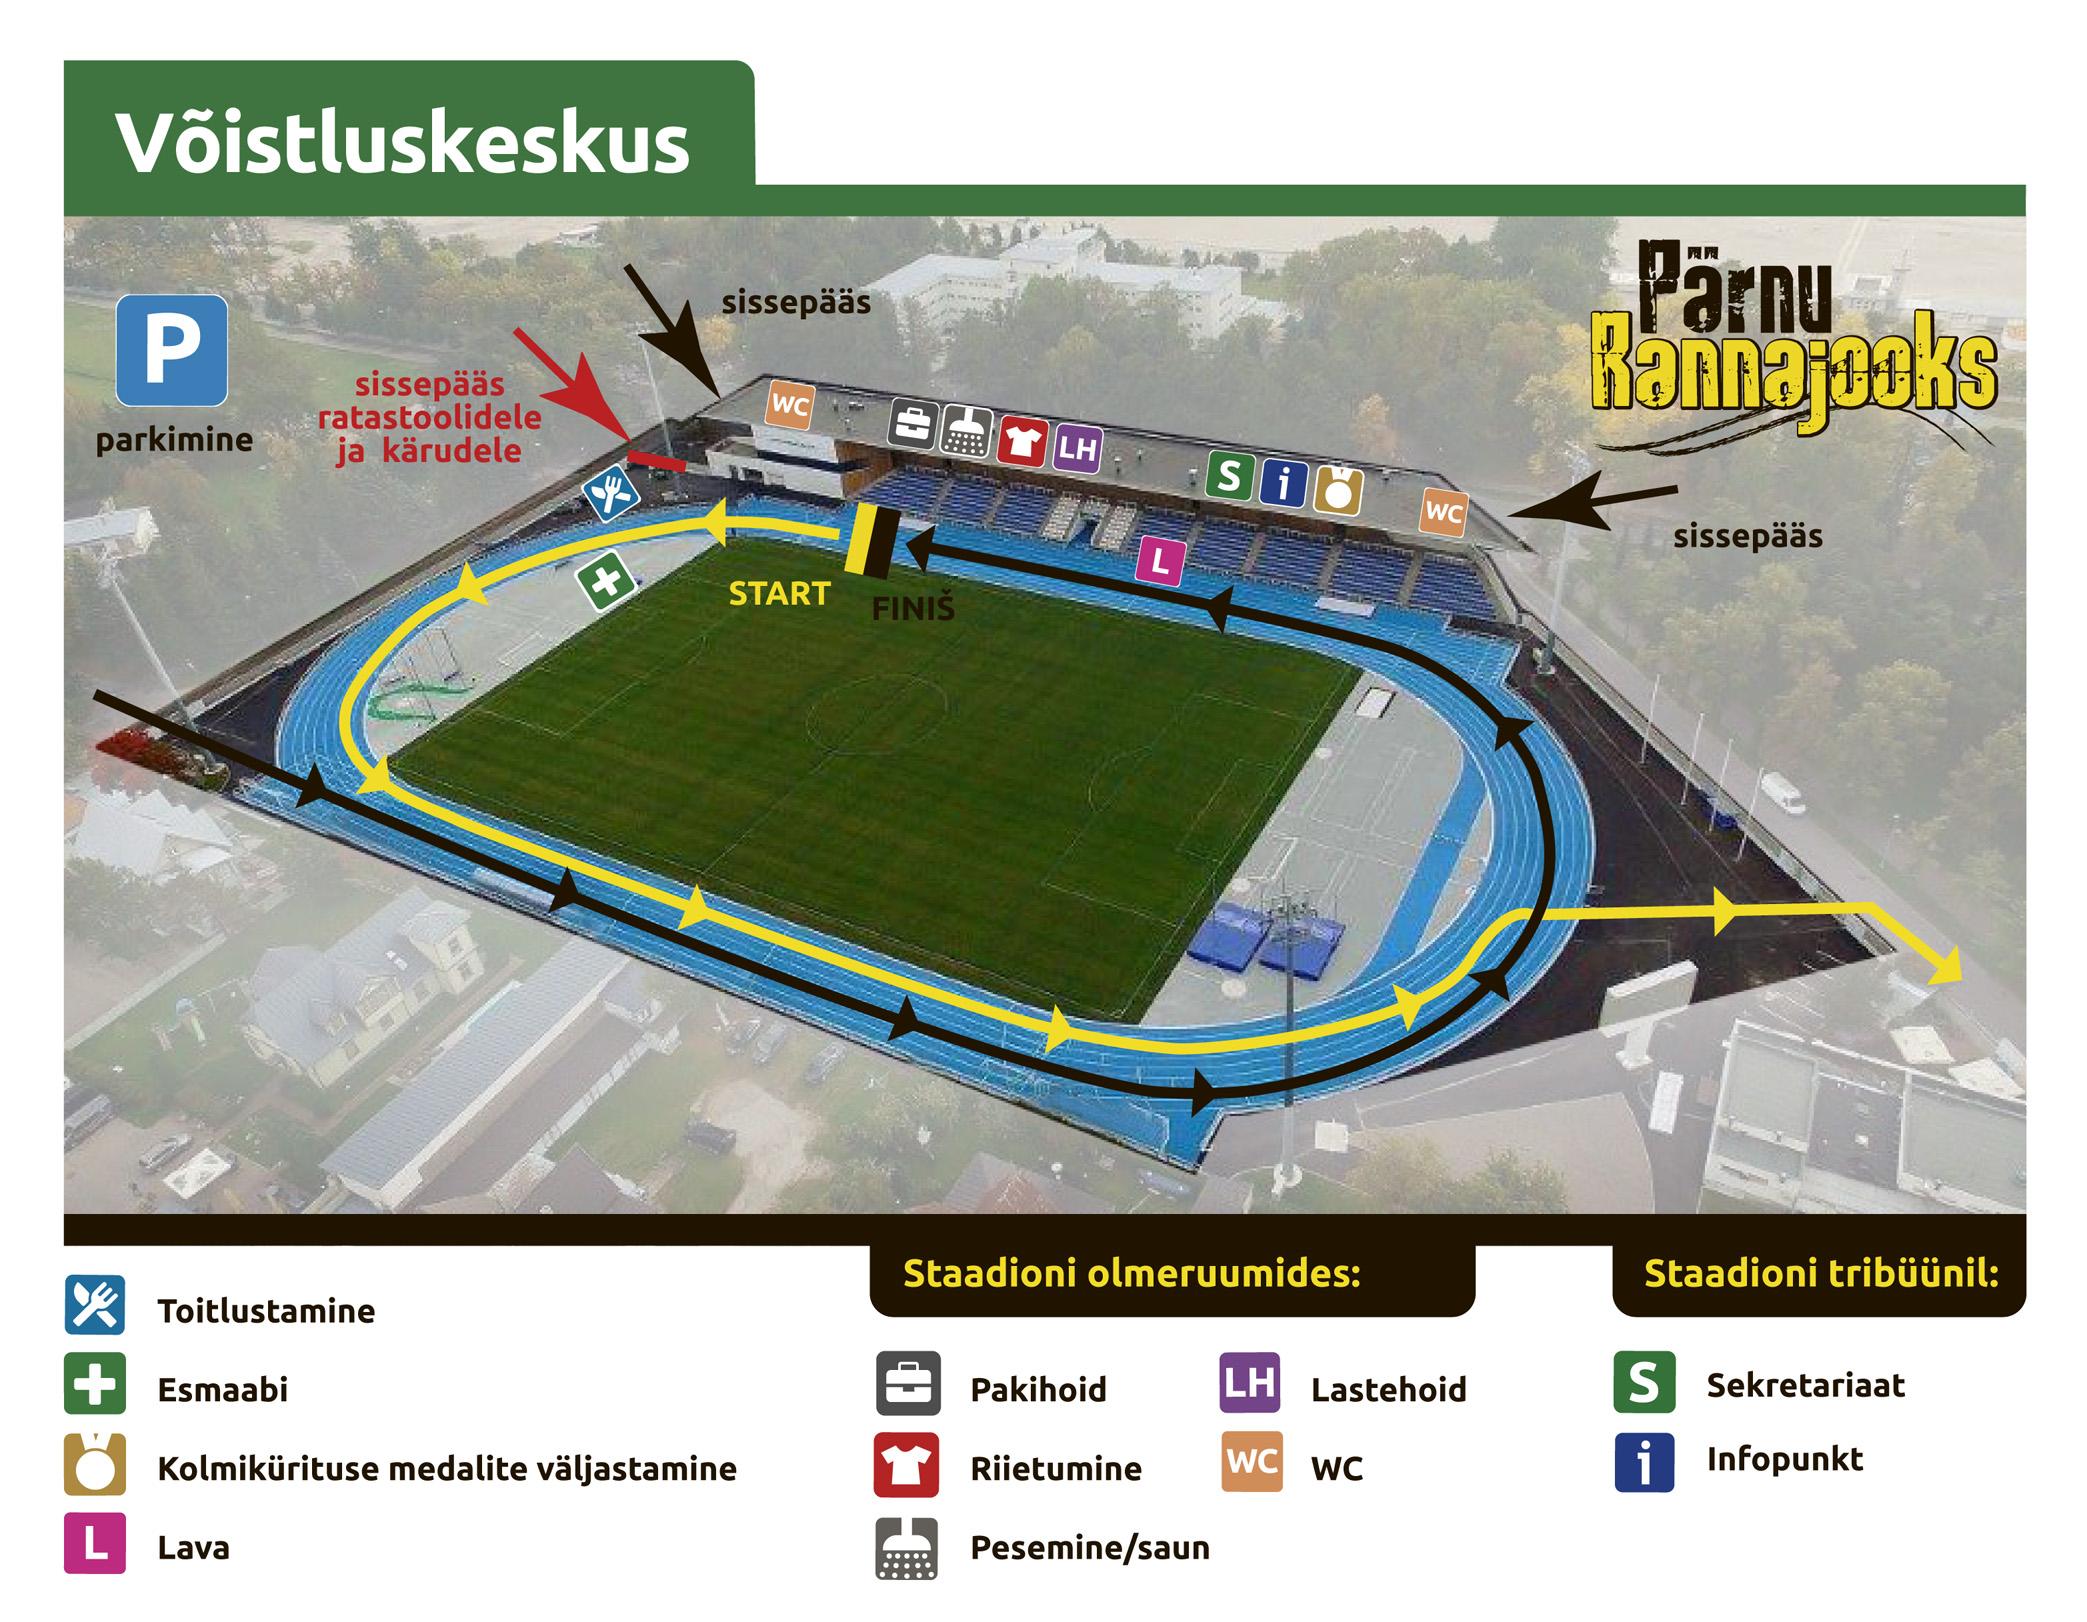 Rannajooks_võistluskeskuse kaart